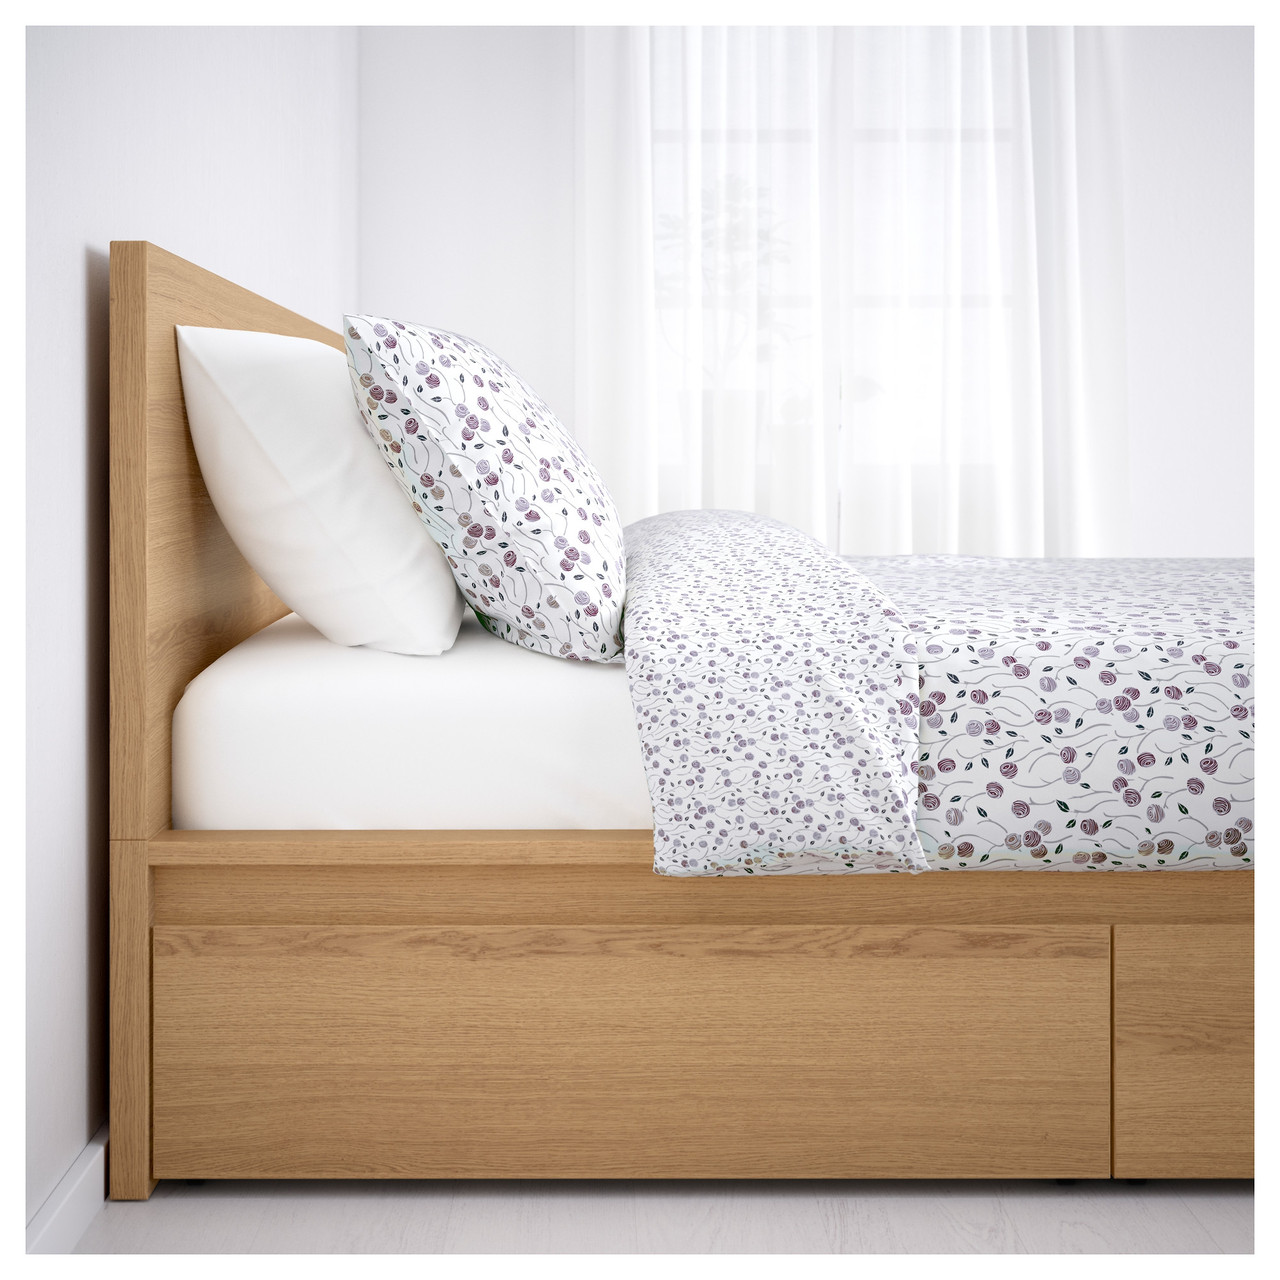 Каркас кровати IKEA MALM 140x200 см 4 ящика дубовый шпон  белый Leirsund 391.754.28